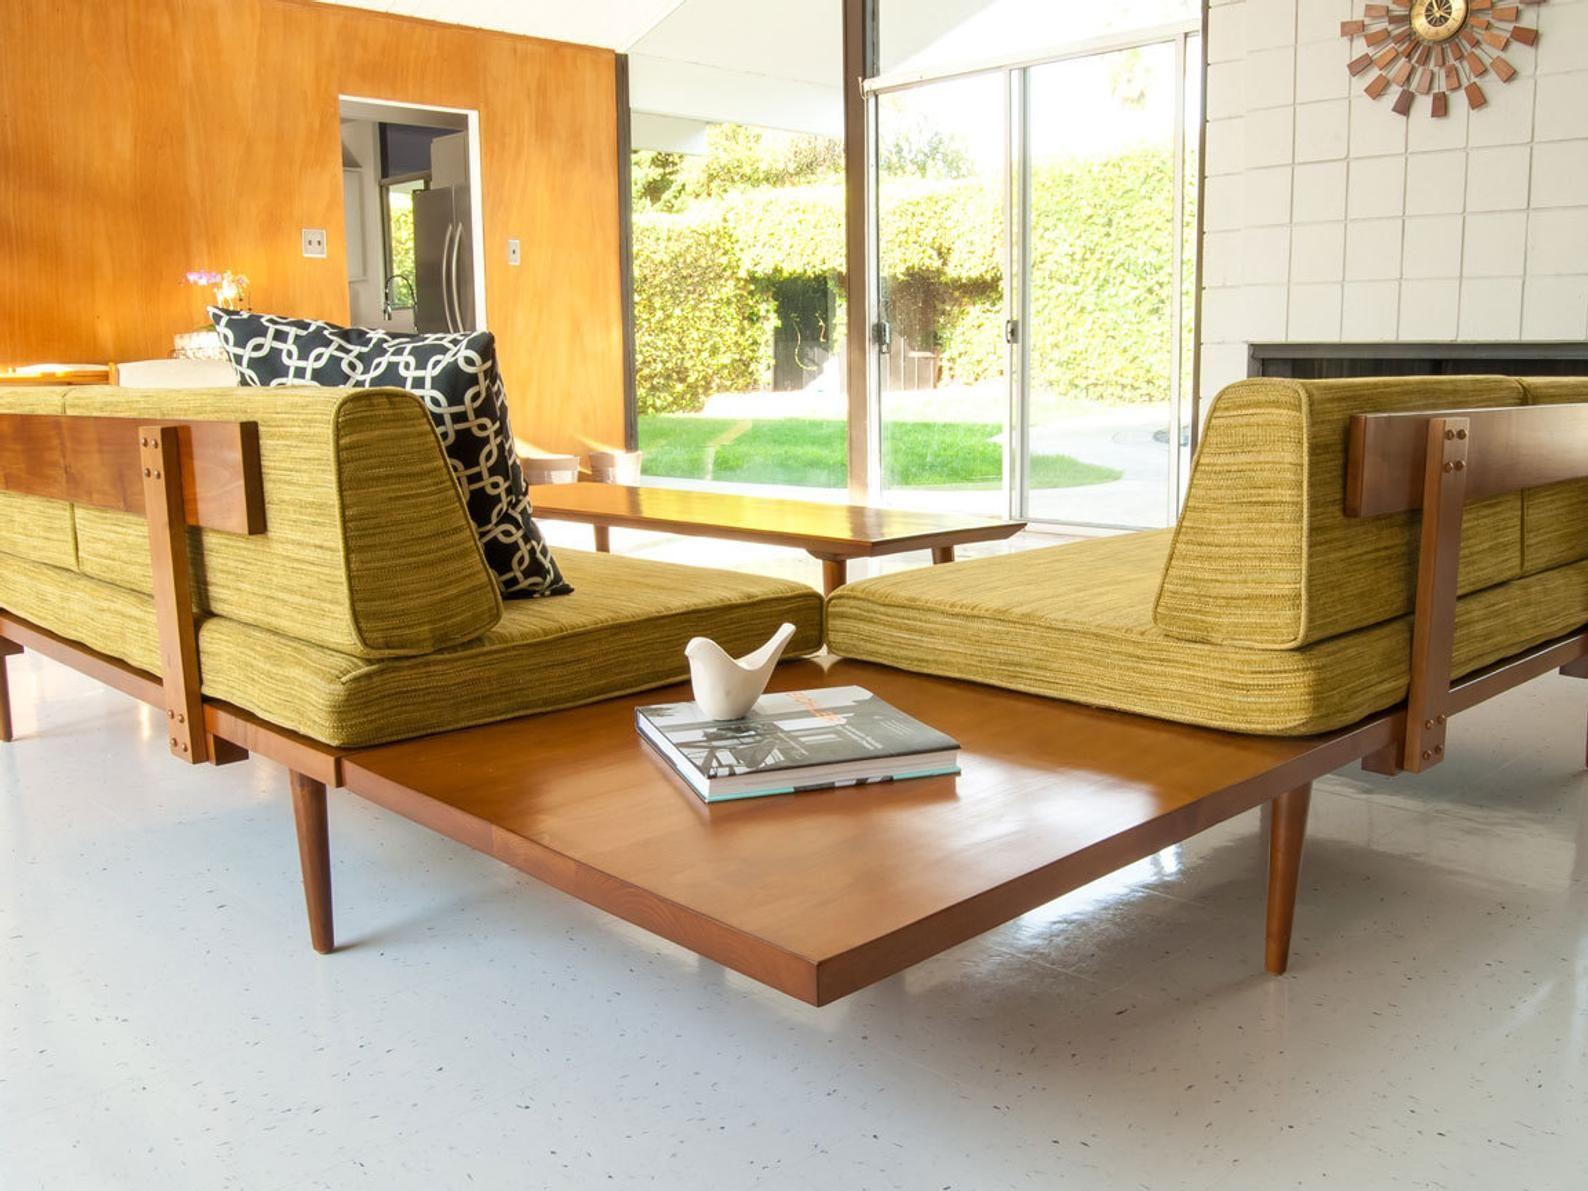 Mid Century Modern Daybed Casara Modern Classic Sectional Sofa Etsy In 2020 Mid Century Modern Daybed Mid Century Modern Furniture Modern Furniture